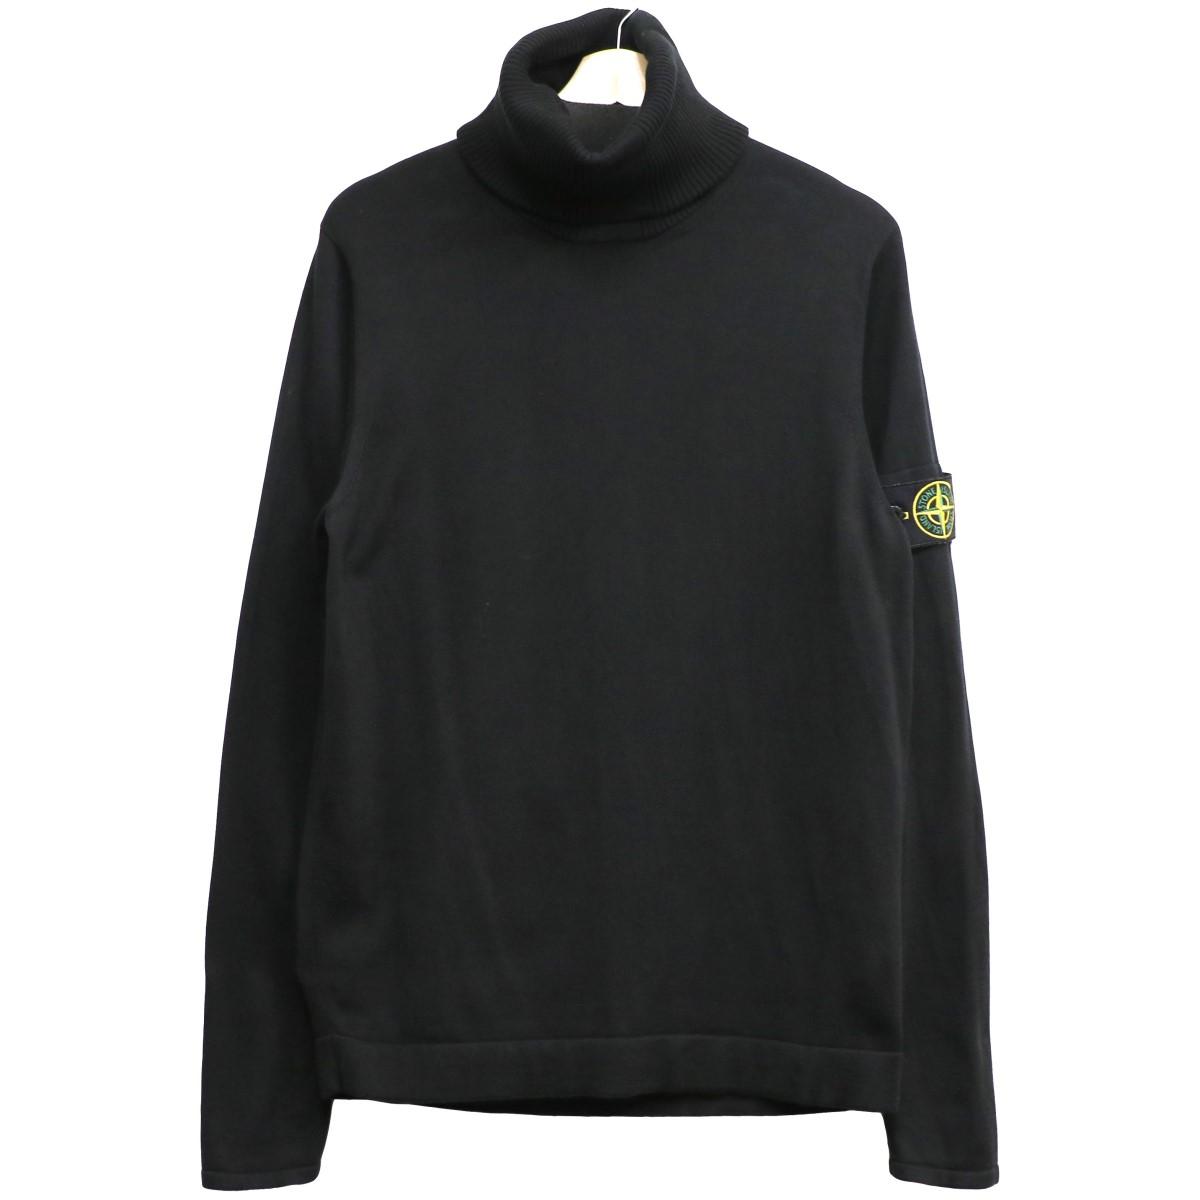 【中古】STONE ISLAND SHADOW PROJECT 19AW Turtleneck Sweaterタートルネックコットンニットセーター ブラック サイズ:M 【060620】(ストーンアイランドシャドウプロジェクト)